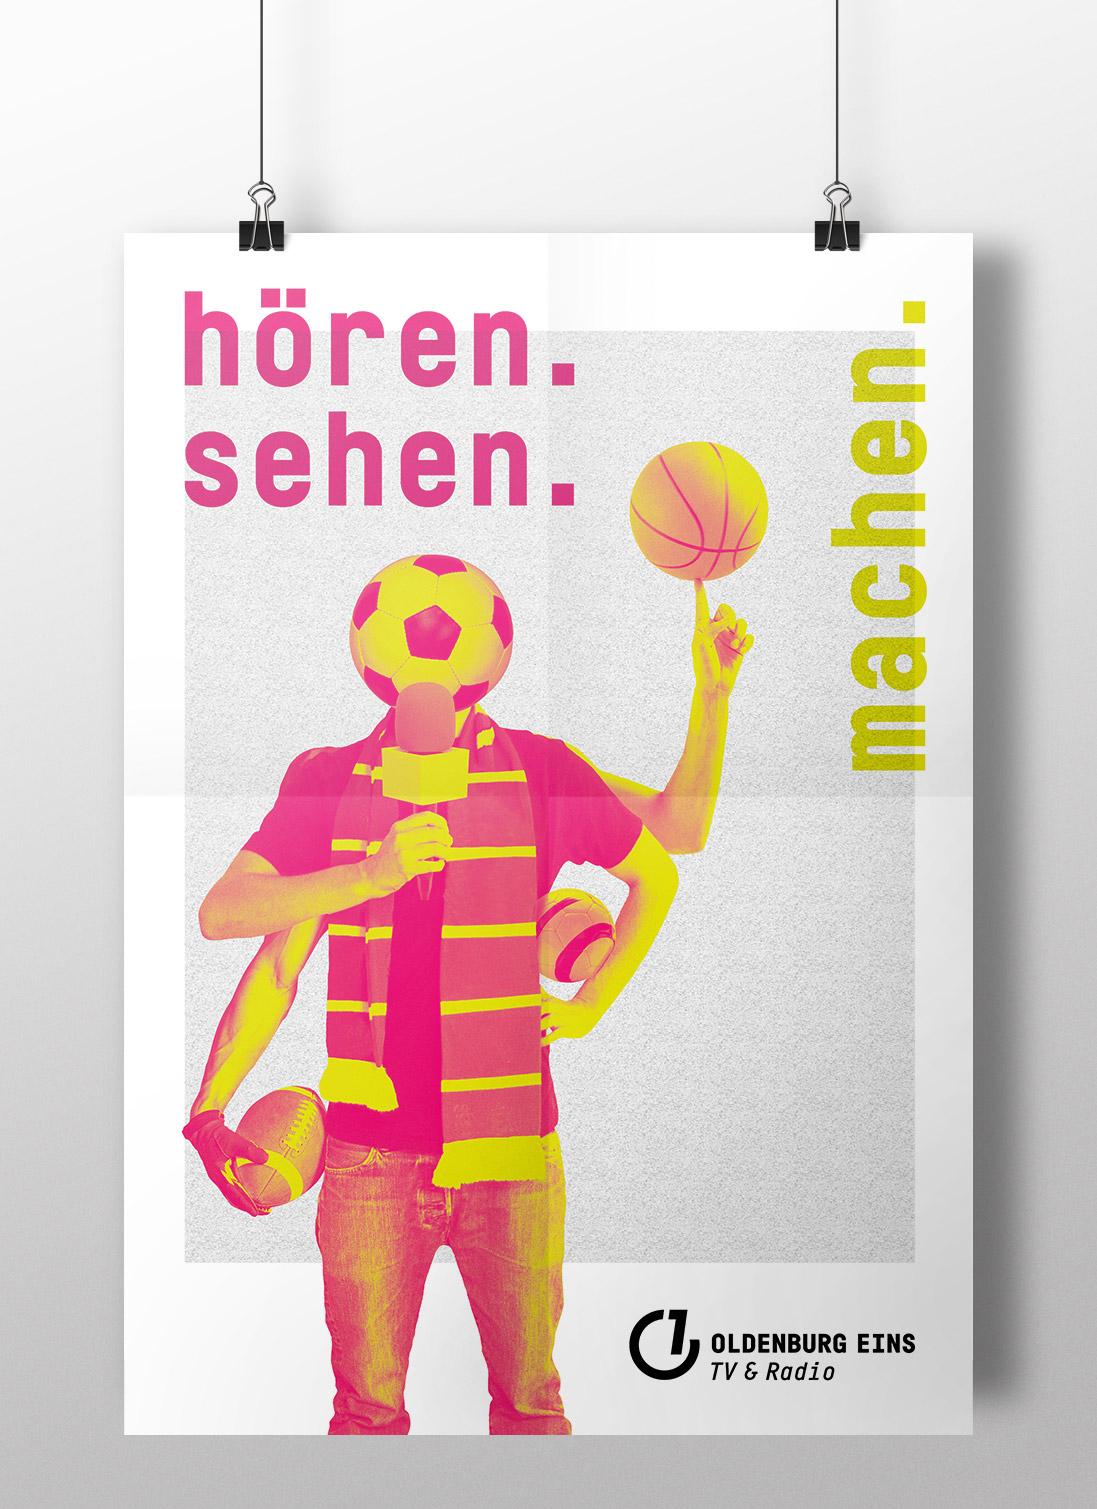 oldenburg-eins_plakat_sport.jpg